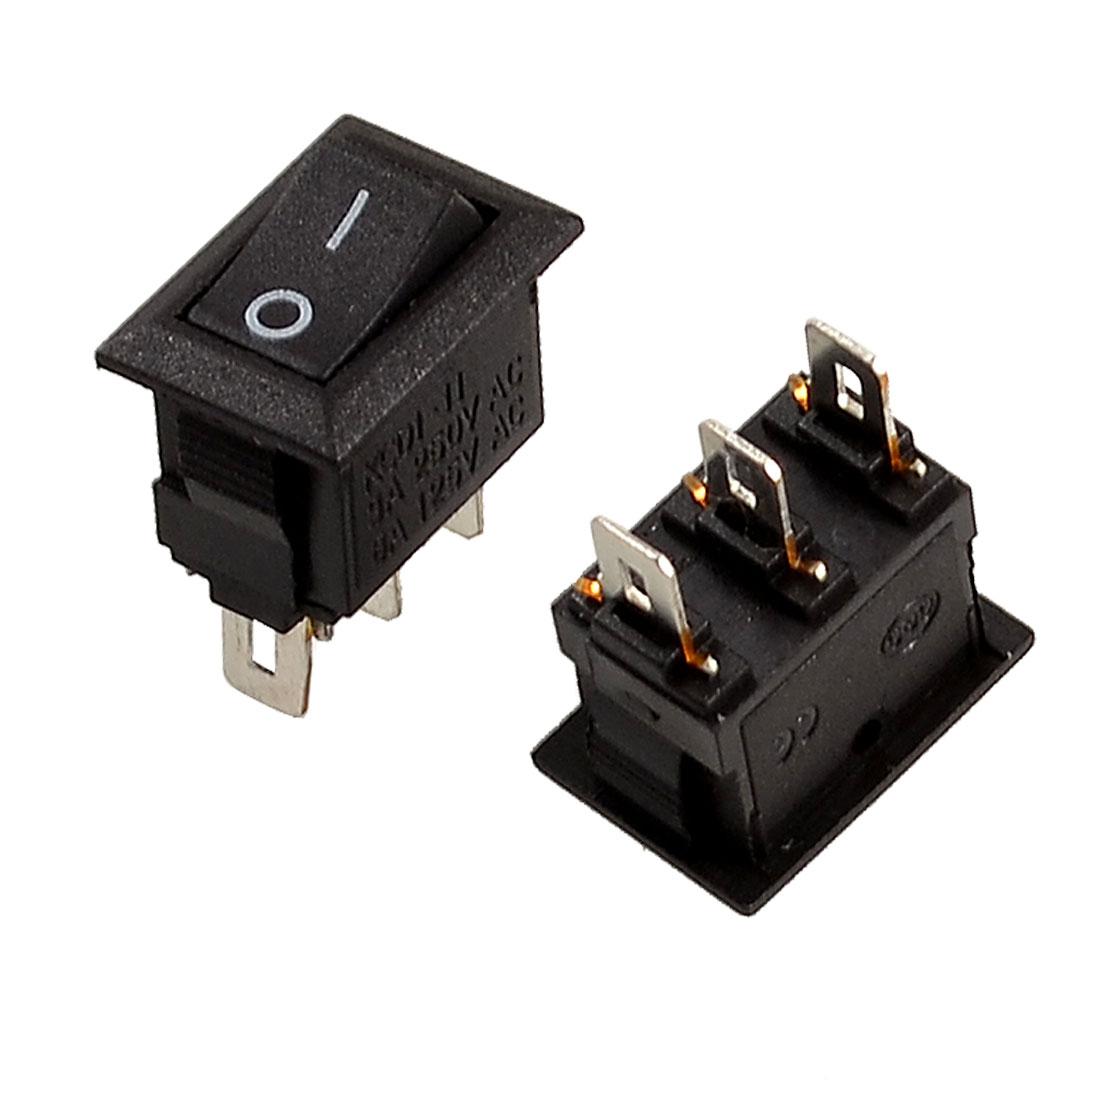 2 Pcs 3 Pin SPDT Black Button On/On Rocker Switch AC 250V/3A 125V/6A